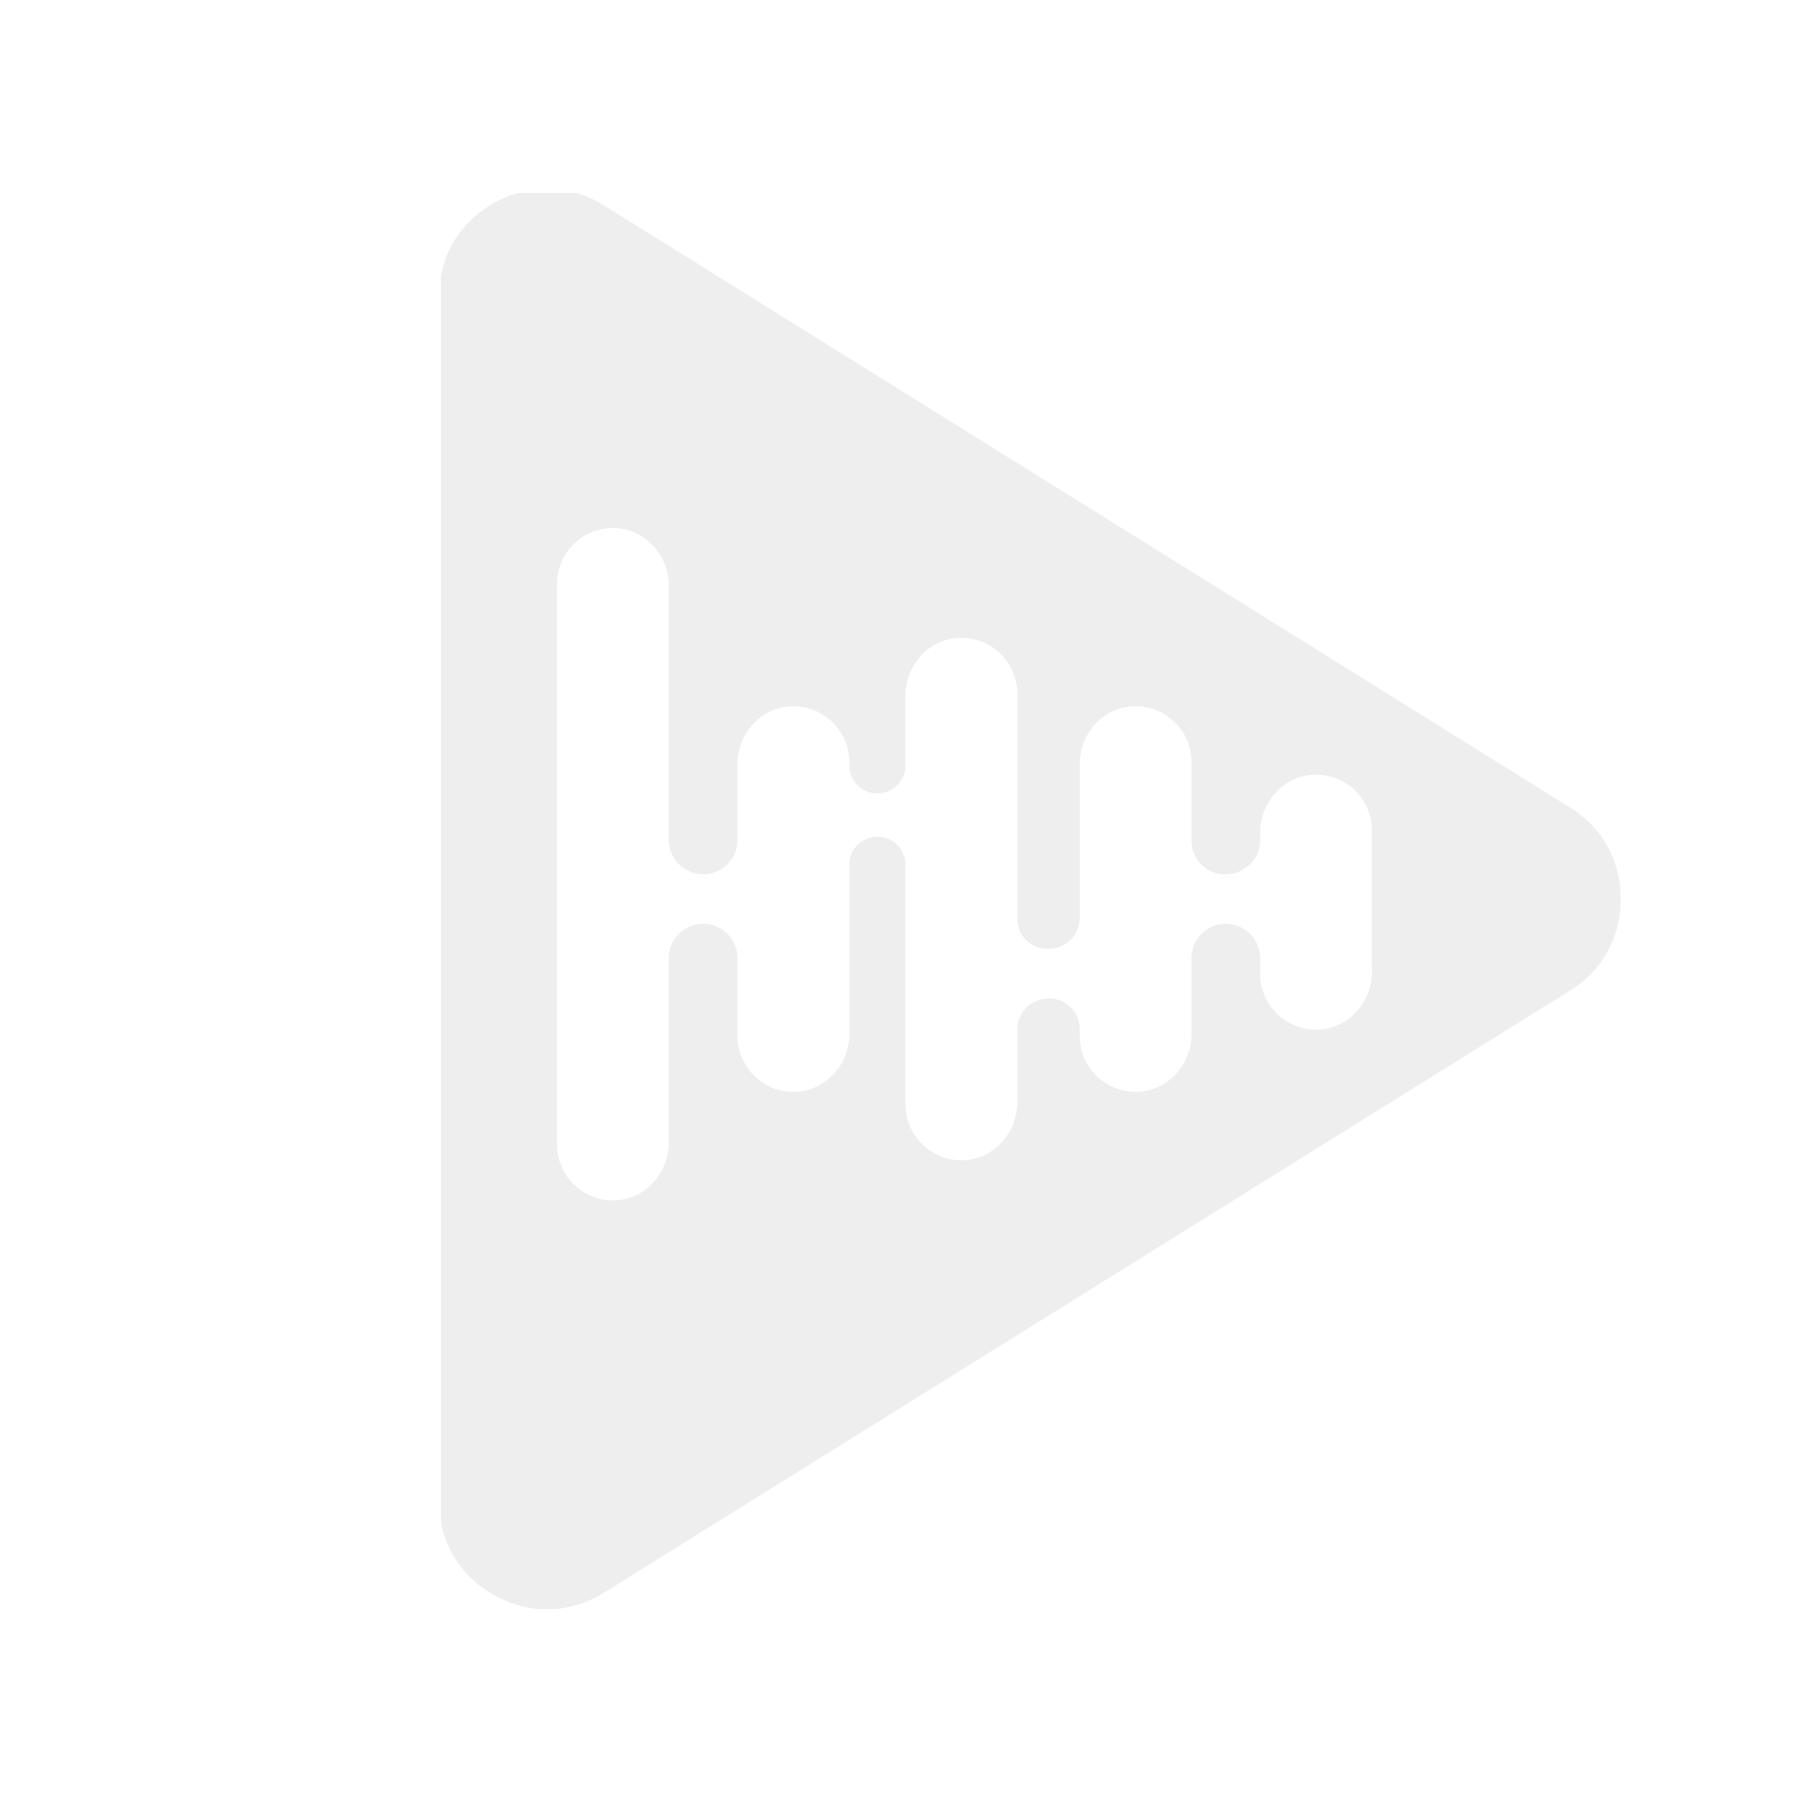 Kufatec Fiscon 37196